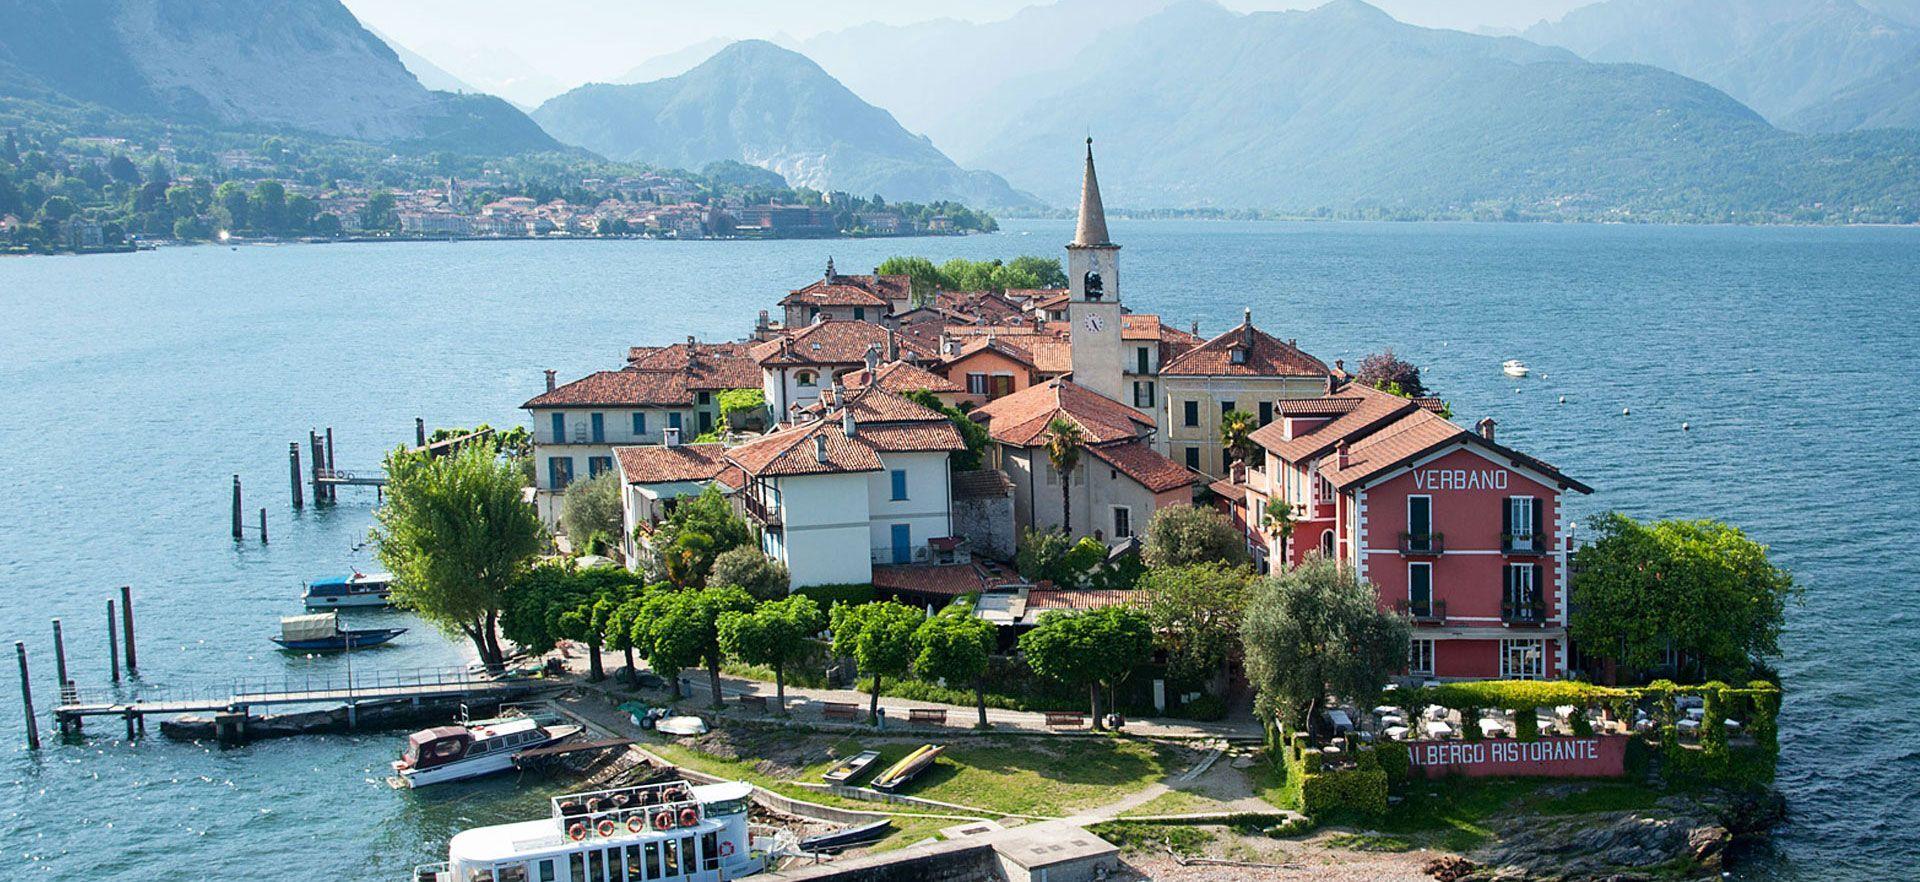 agenzia1870 varese e sponda lombarda del lago maggiore italy